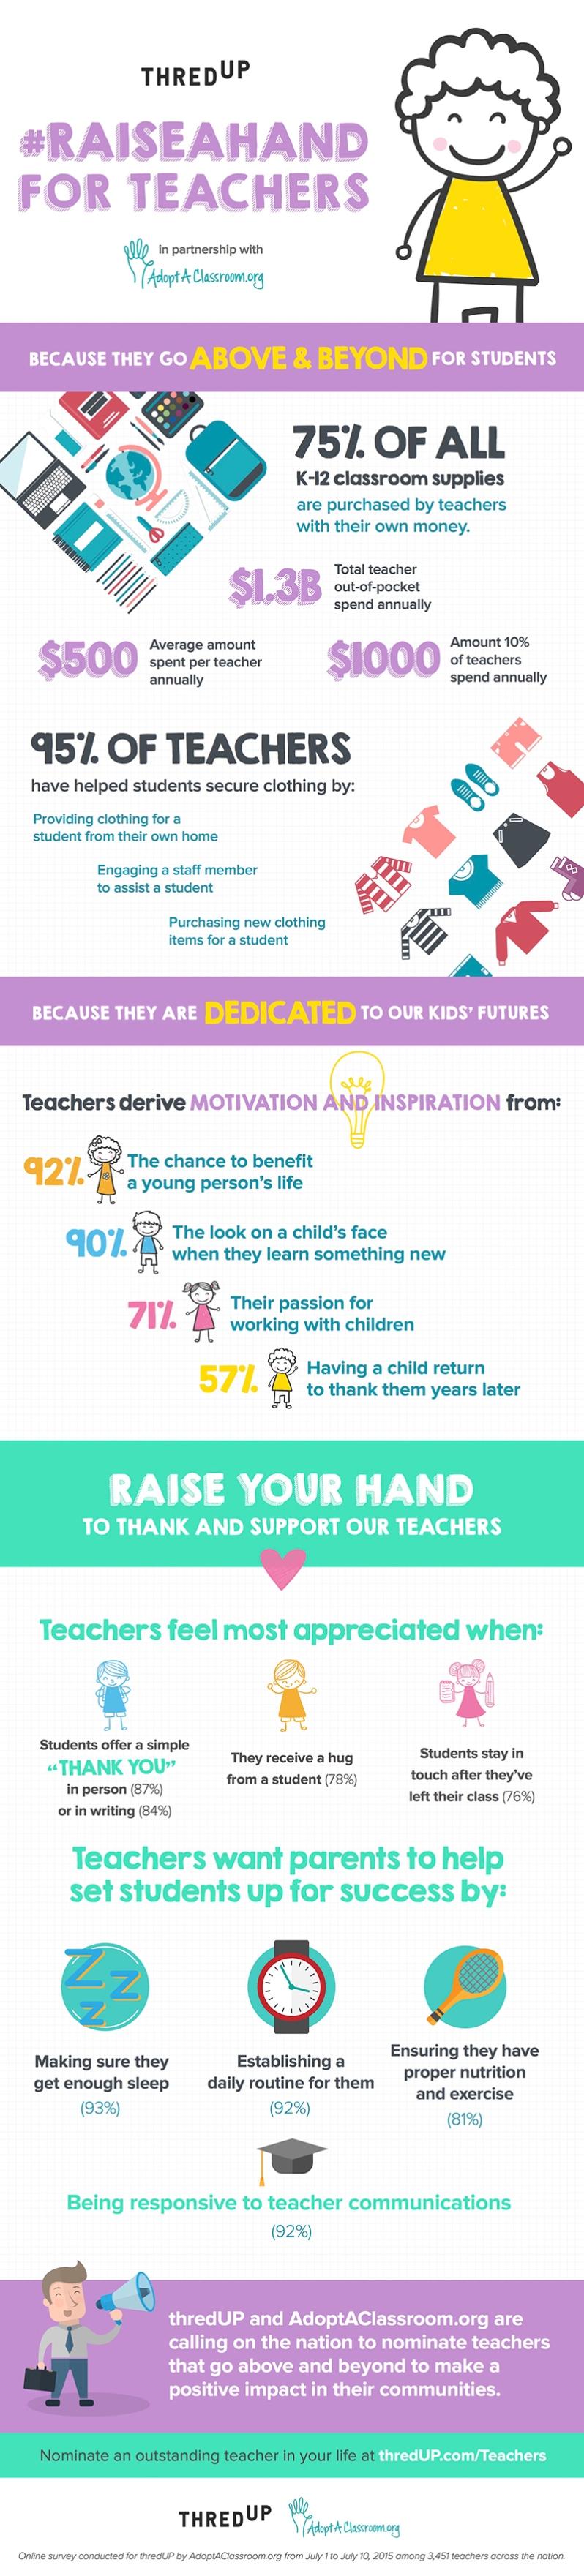 raiseyourhandsforteachers-infographic-v6-21